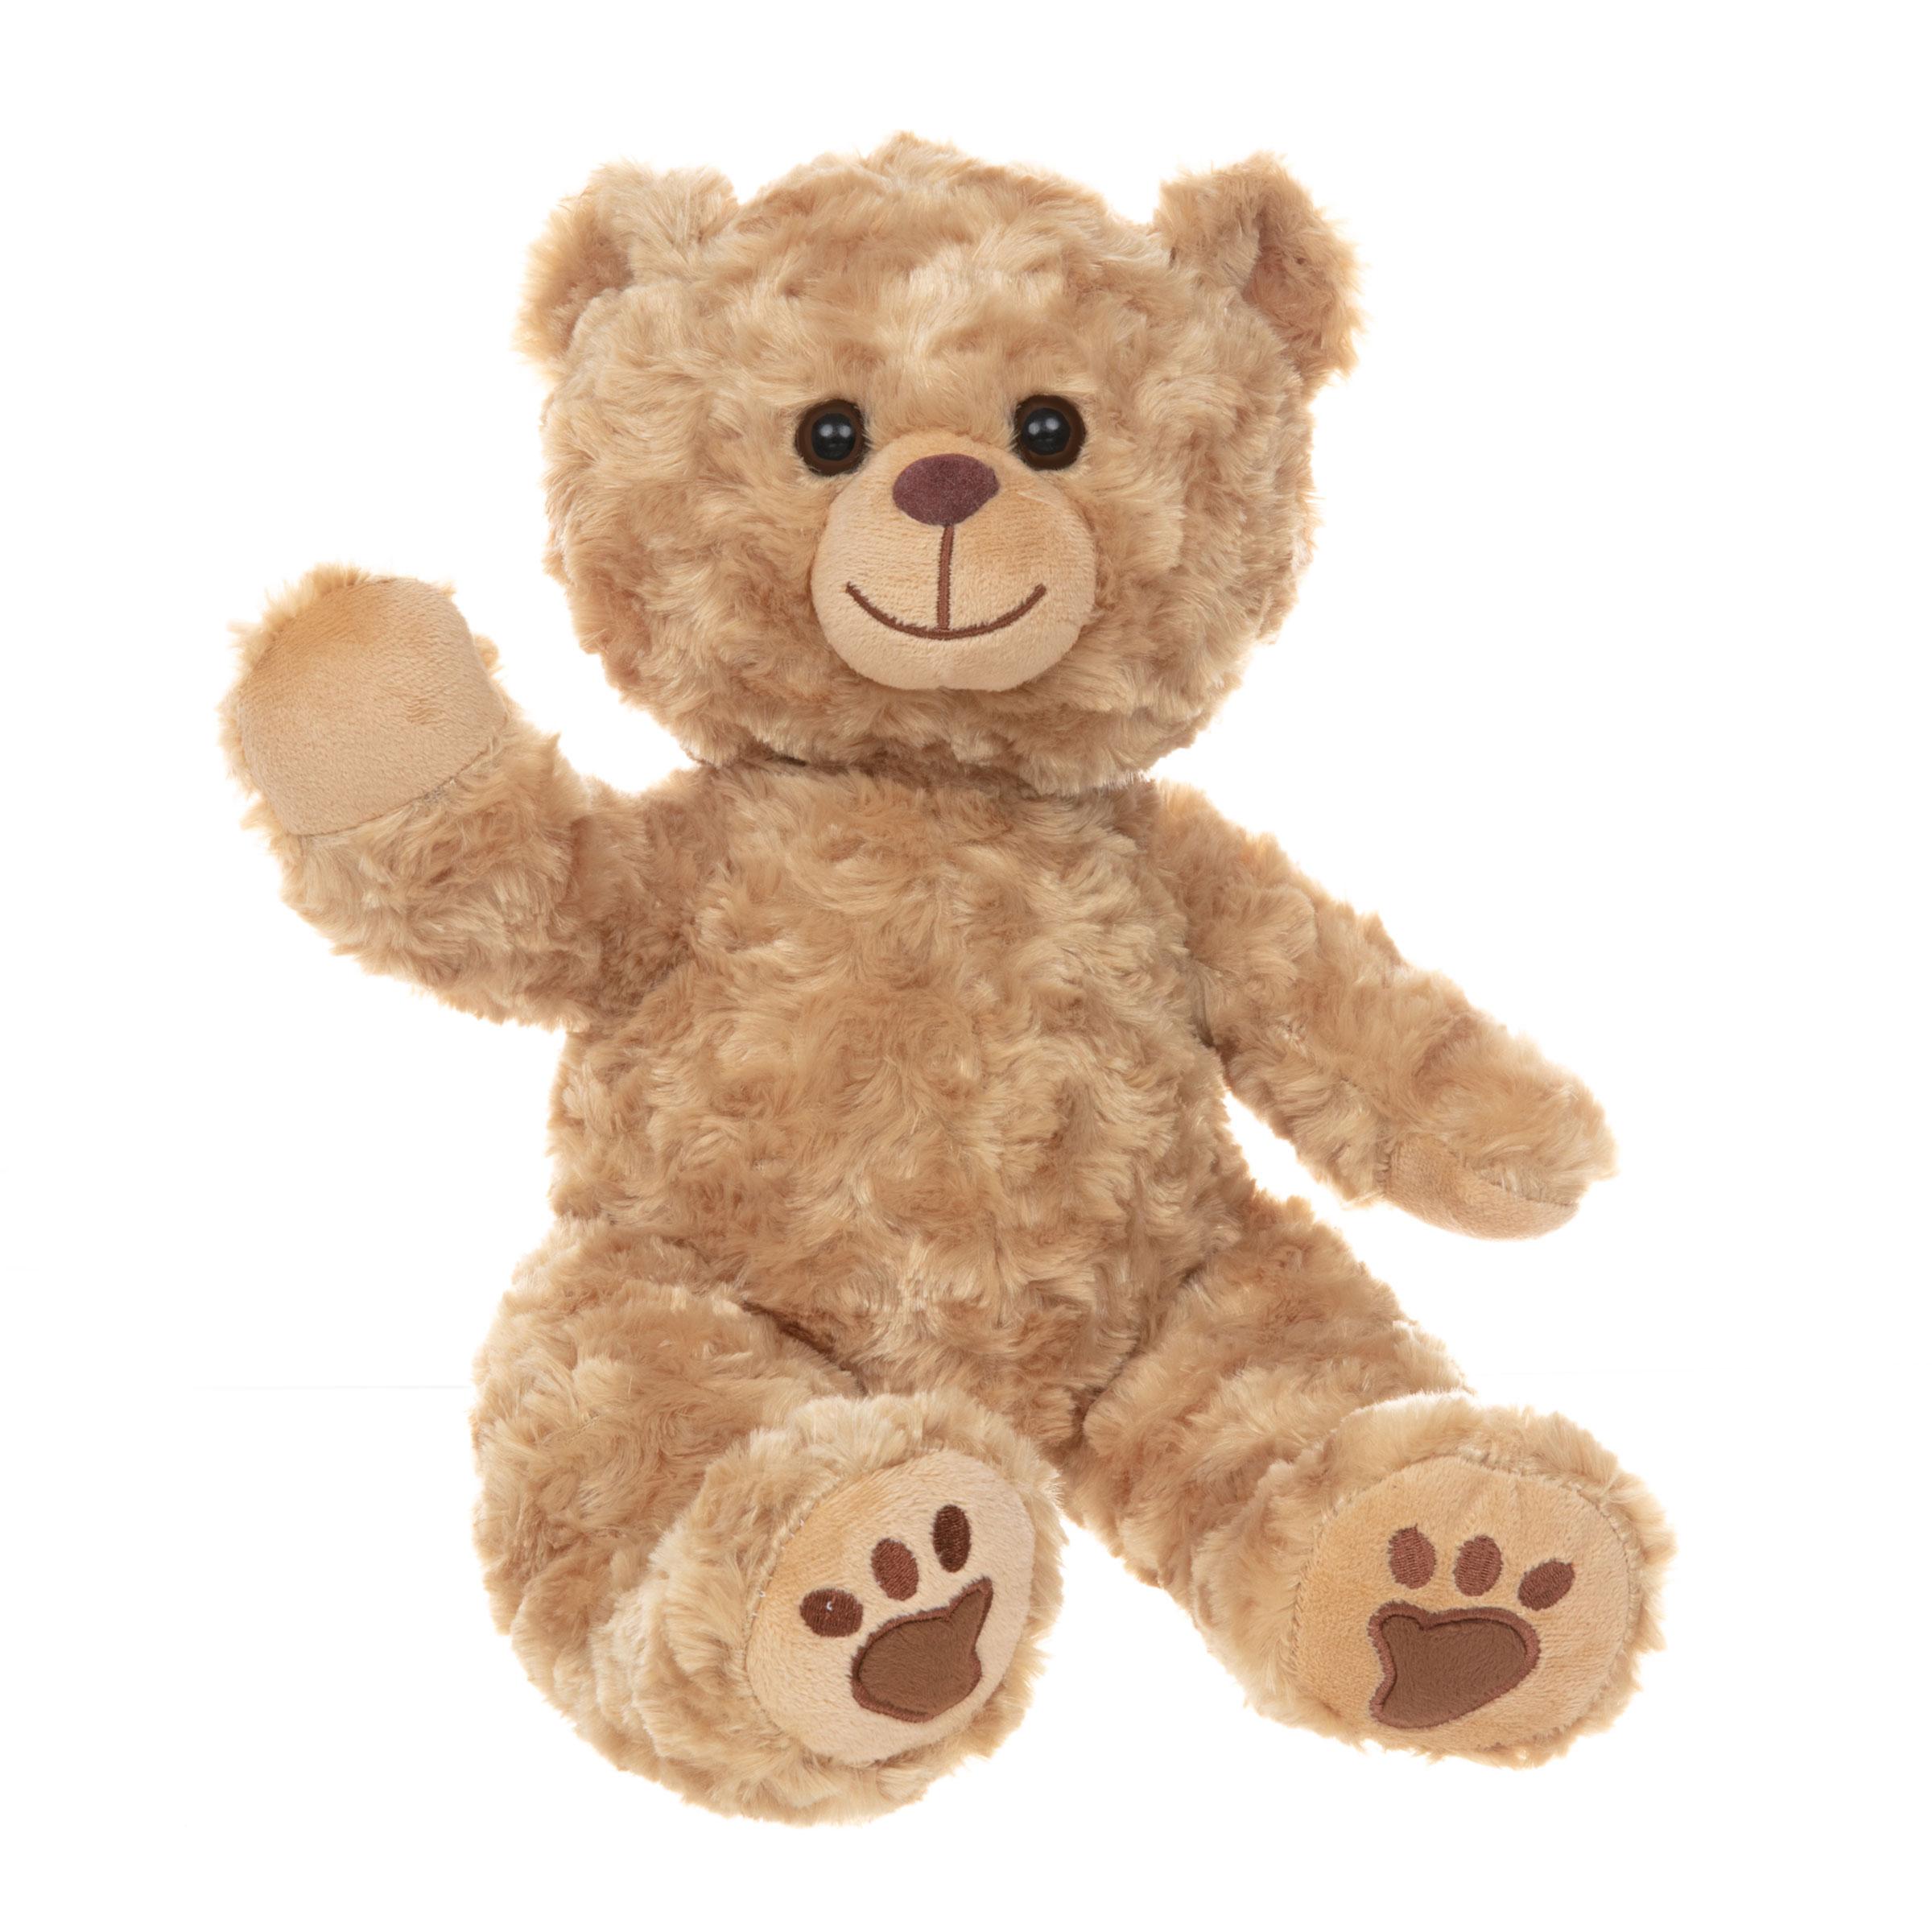 Barney the Golden Teddy Bear